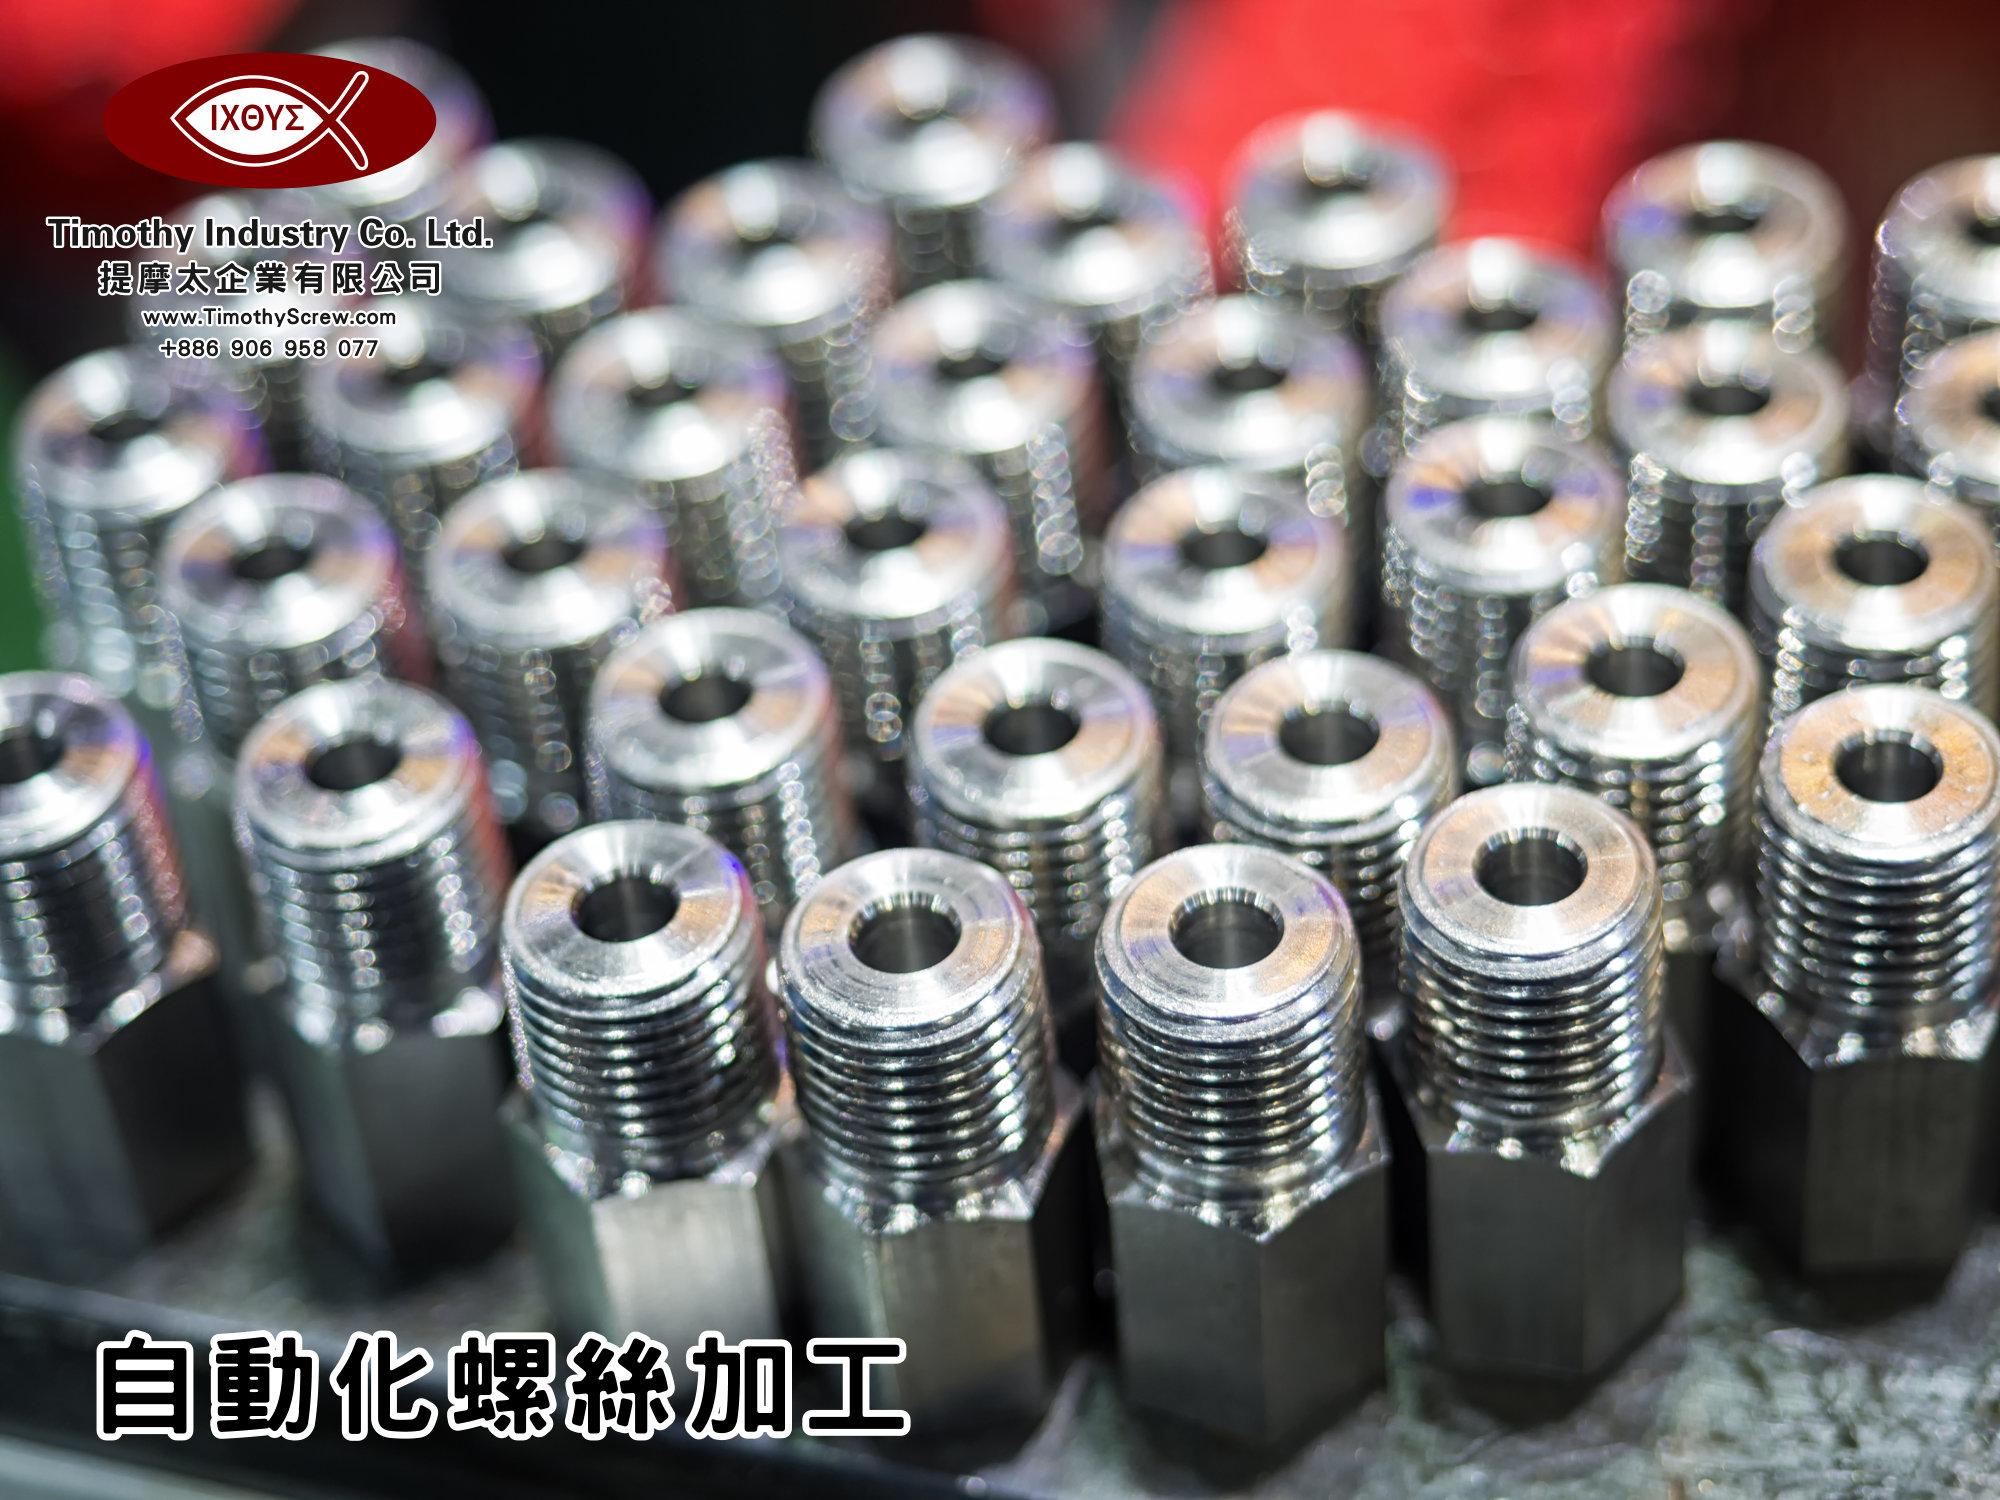 提摩太企業有限公司 Timothy Industry Co Ltd 自動化螺絲加工 車床部 銑床部 台灣自動化螺絲加工 螺絲製造 A11